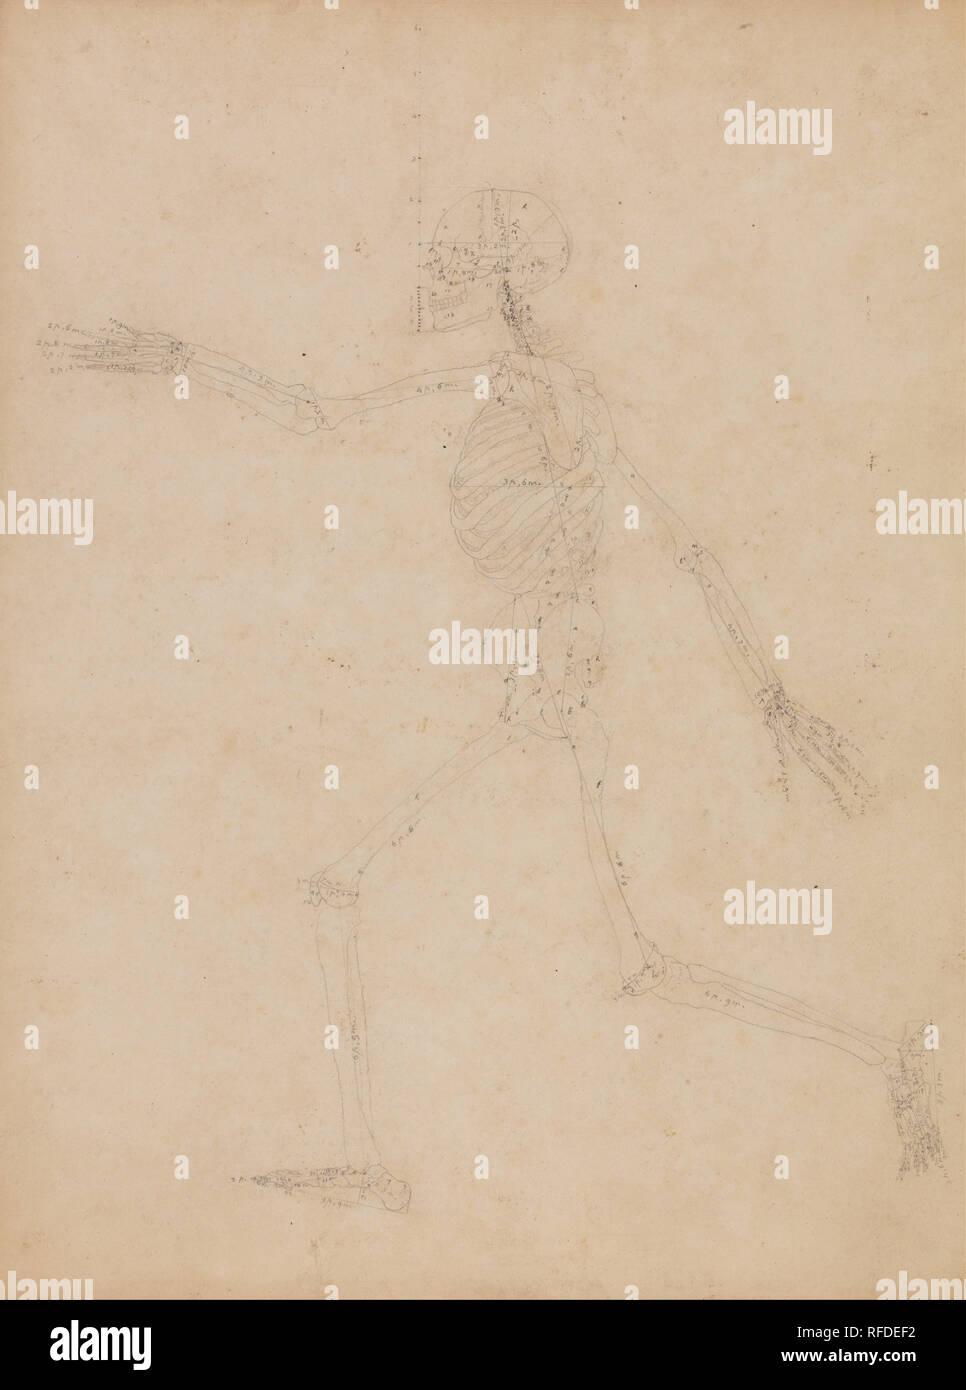 Un confronto esposizione anatomica della struttura del corpo umano con quello di una tigre e un comune Fowl: scheletro umano, vista laterale. Data/Periodo: 1795 a 1806. Disegno. Grafite su spessa, leggermente strutturata, beige carta intessuta; punte di spillo in corrispondenza di punti di riferimento nei pressi di testa. Altezza: 543 mm (21.37 in); larghezza: 406 mm (15.98 in). Autore: George Stubbs. Immagini Stock